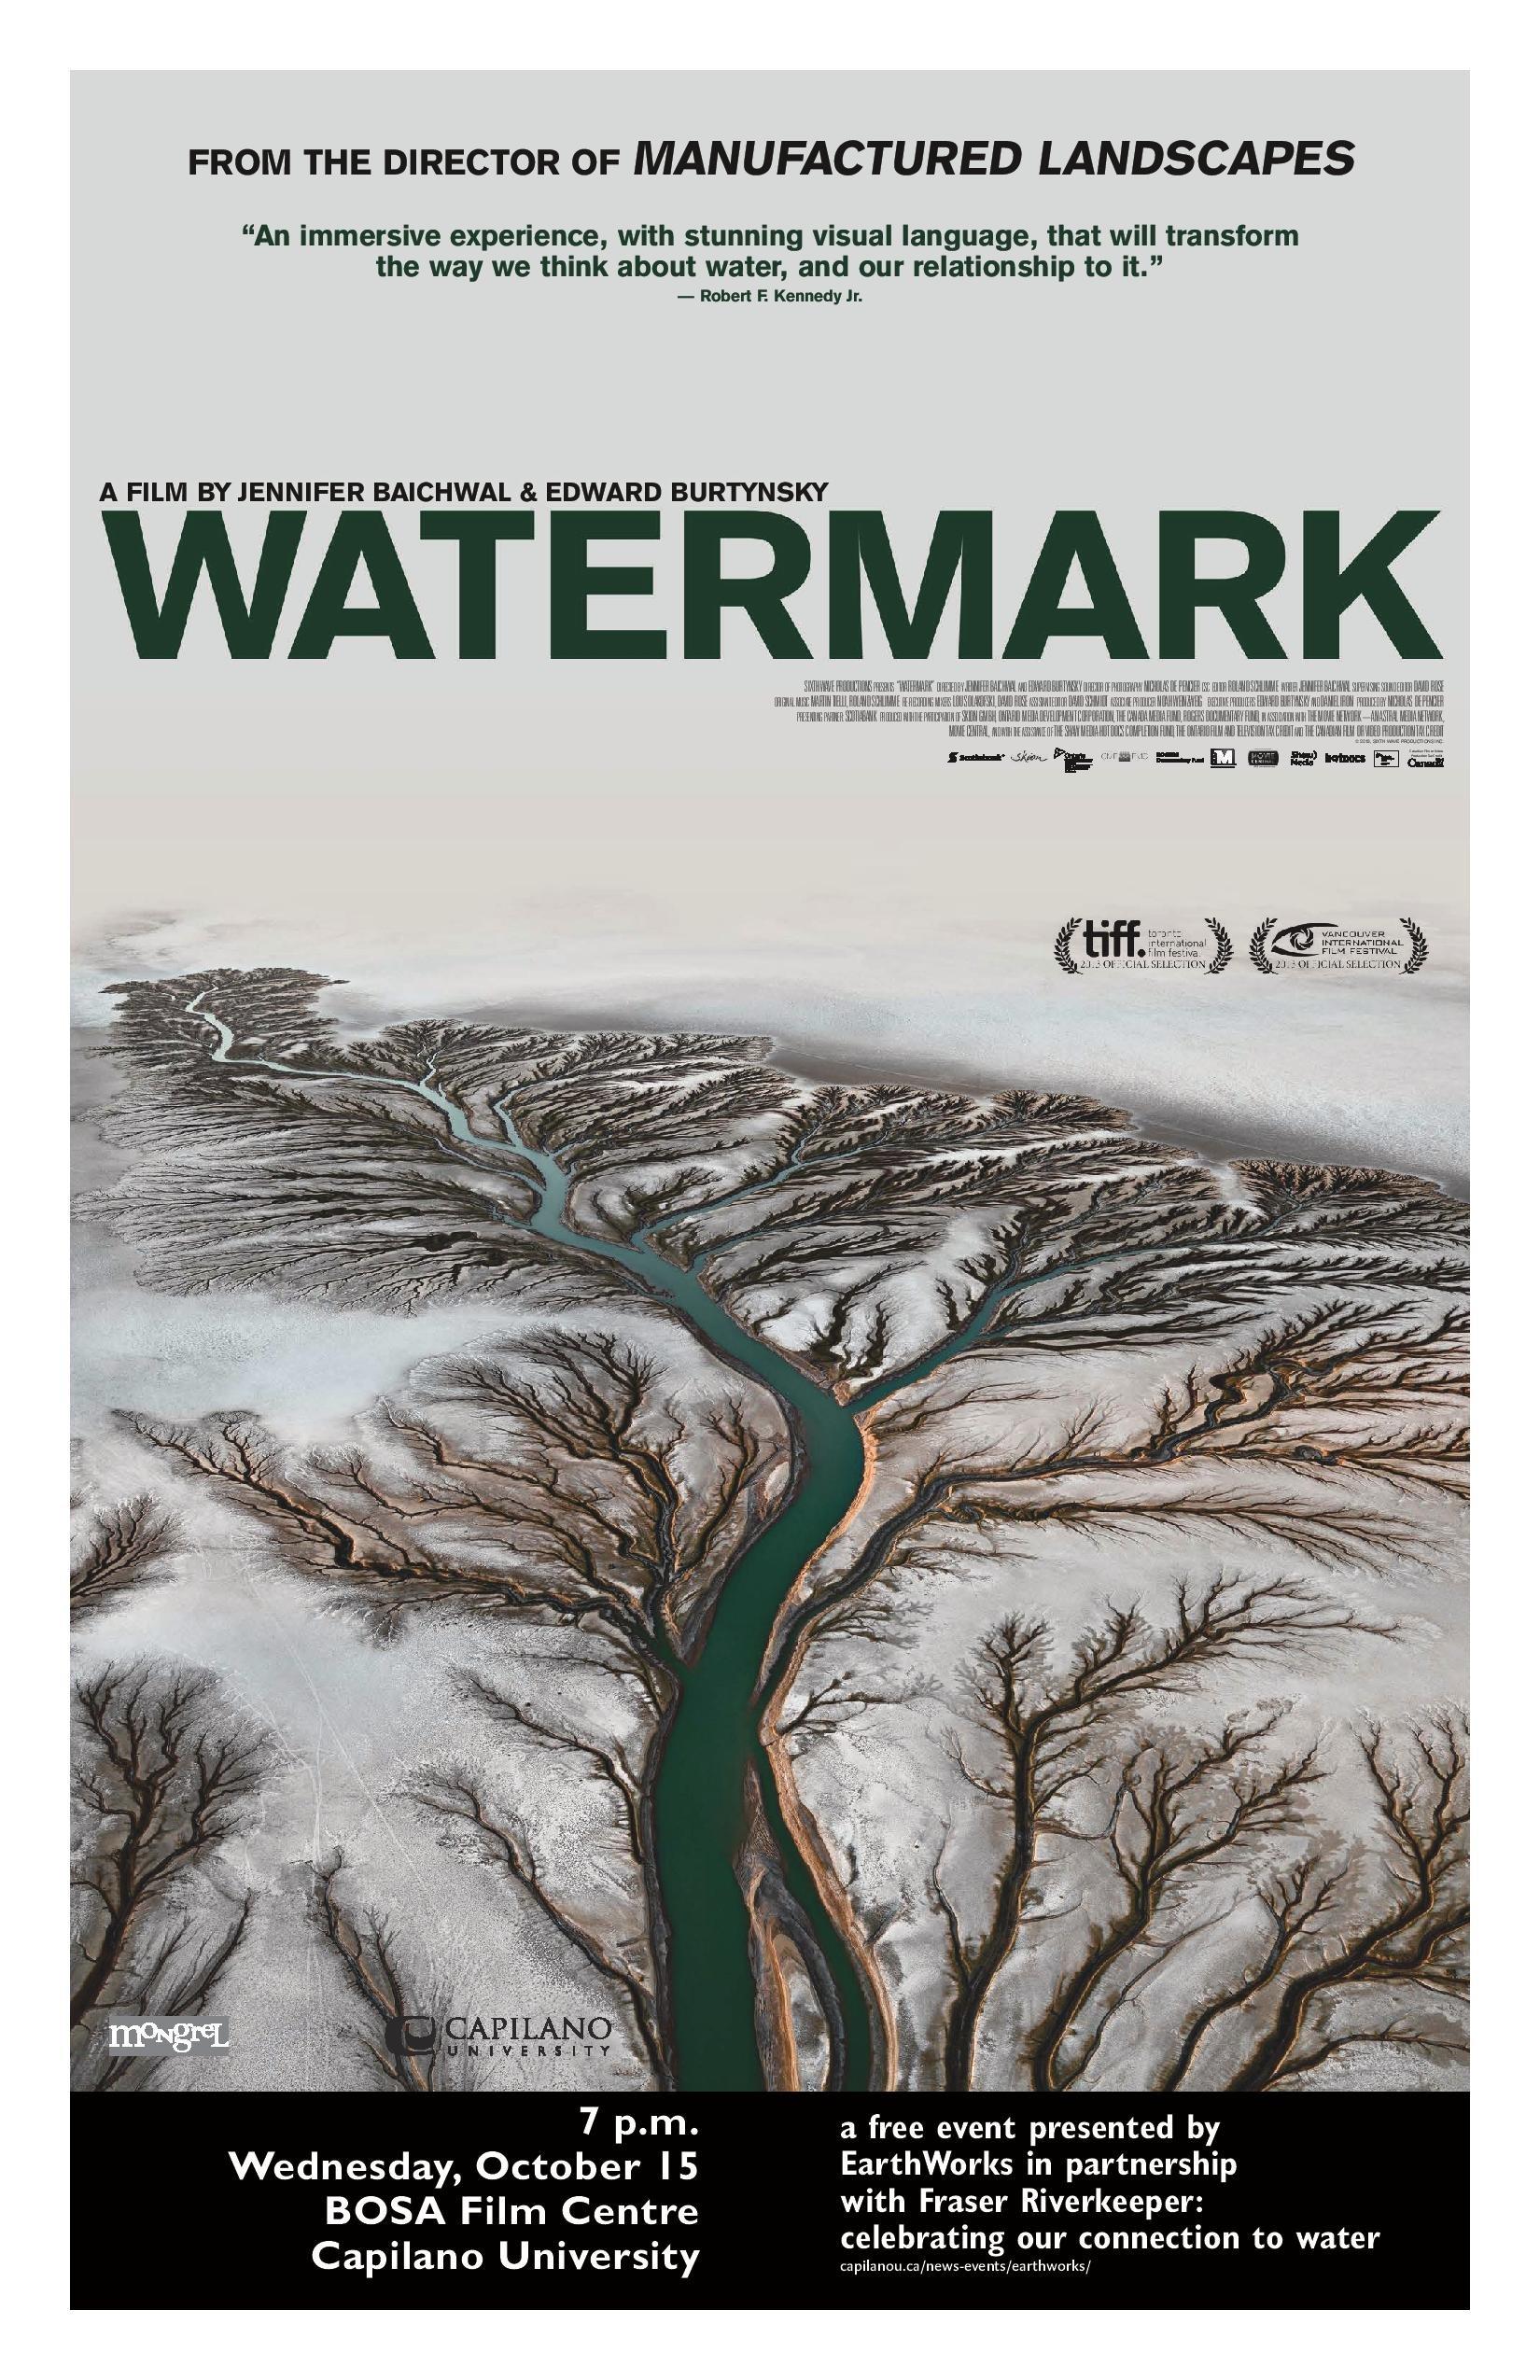 Watermark_poster_01_(1)-page-001.jpg